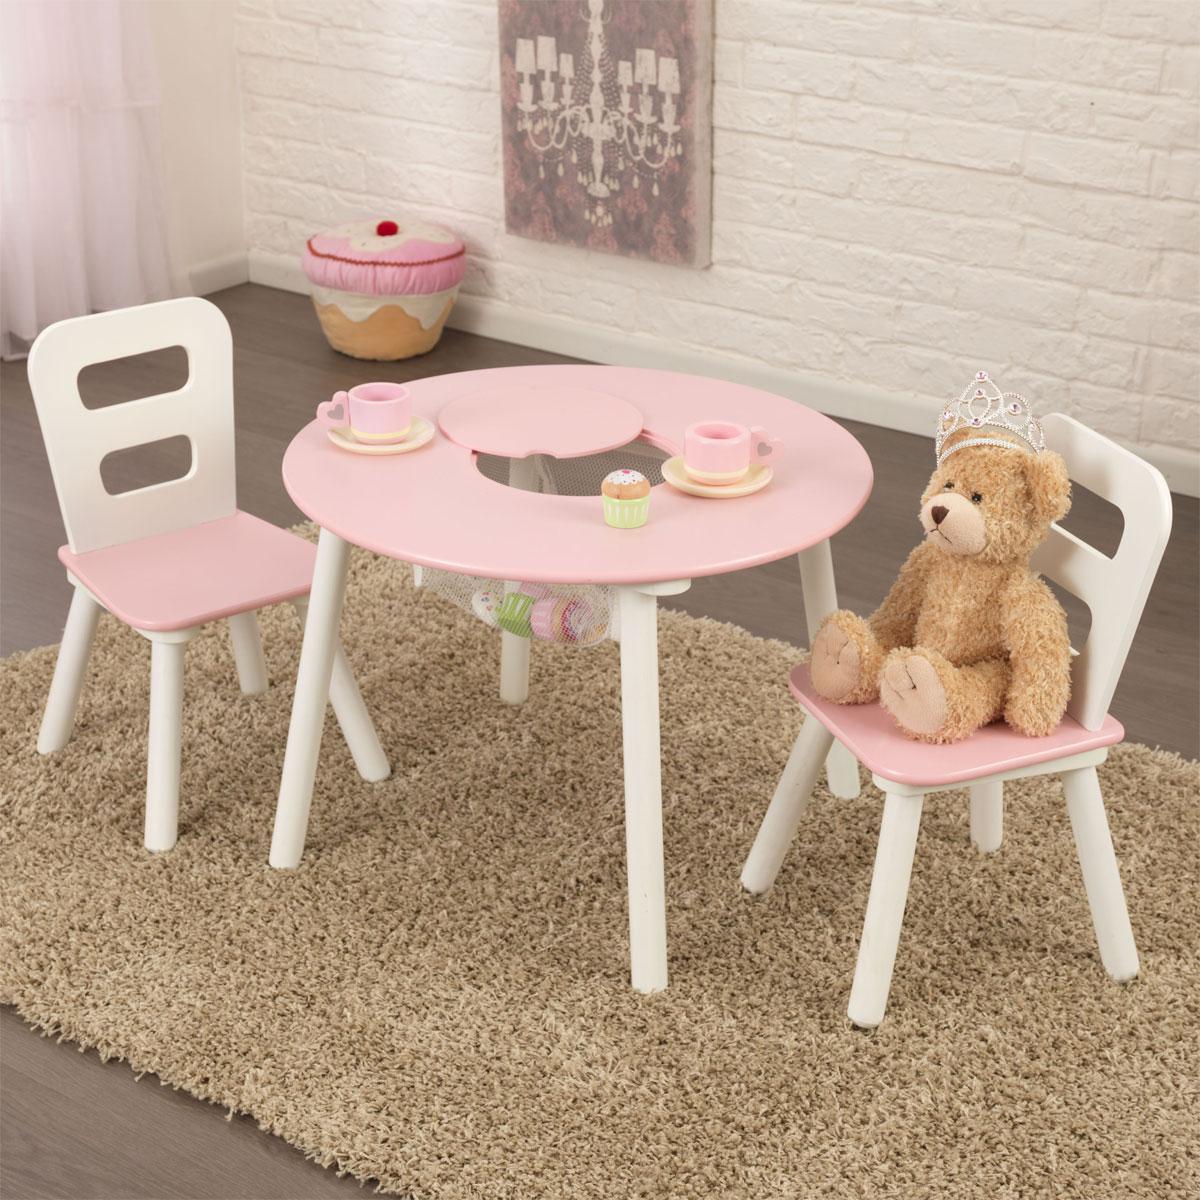 kidkraft kindersitzgarnitur mit tisch mit 2 st hlen pirum. Black Bedroom Furniture Sets. Home Design Ideas